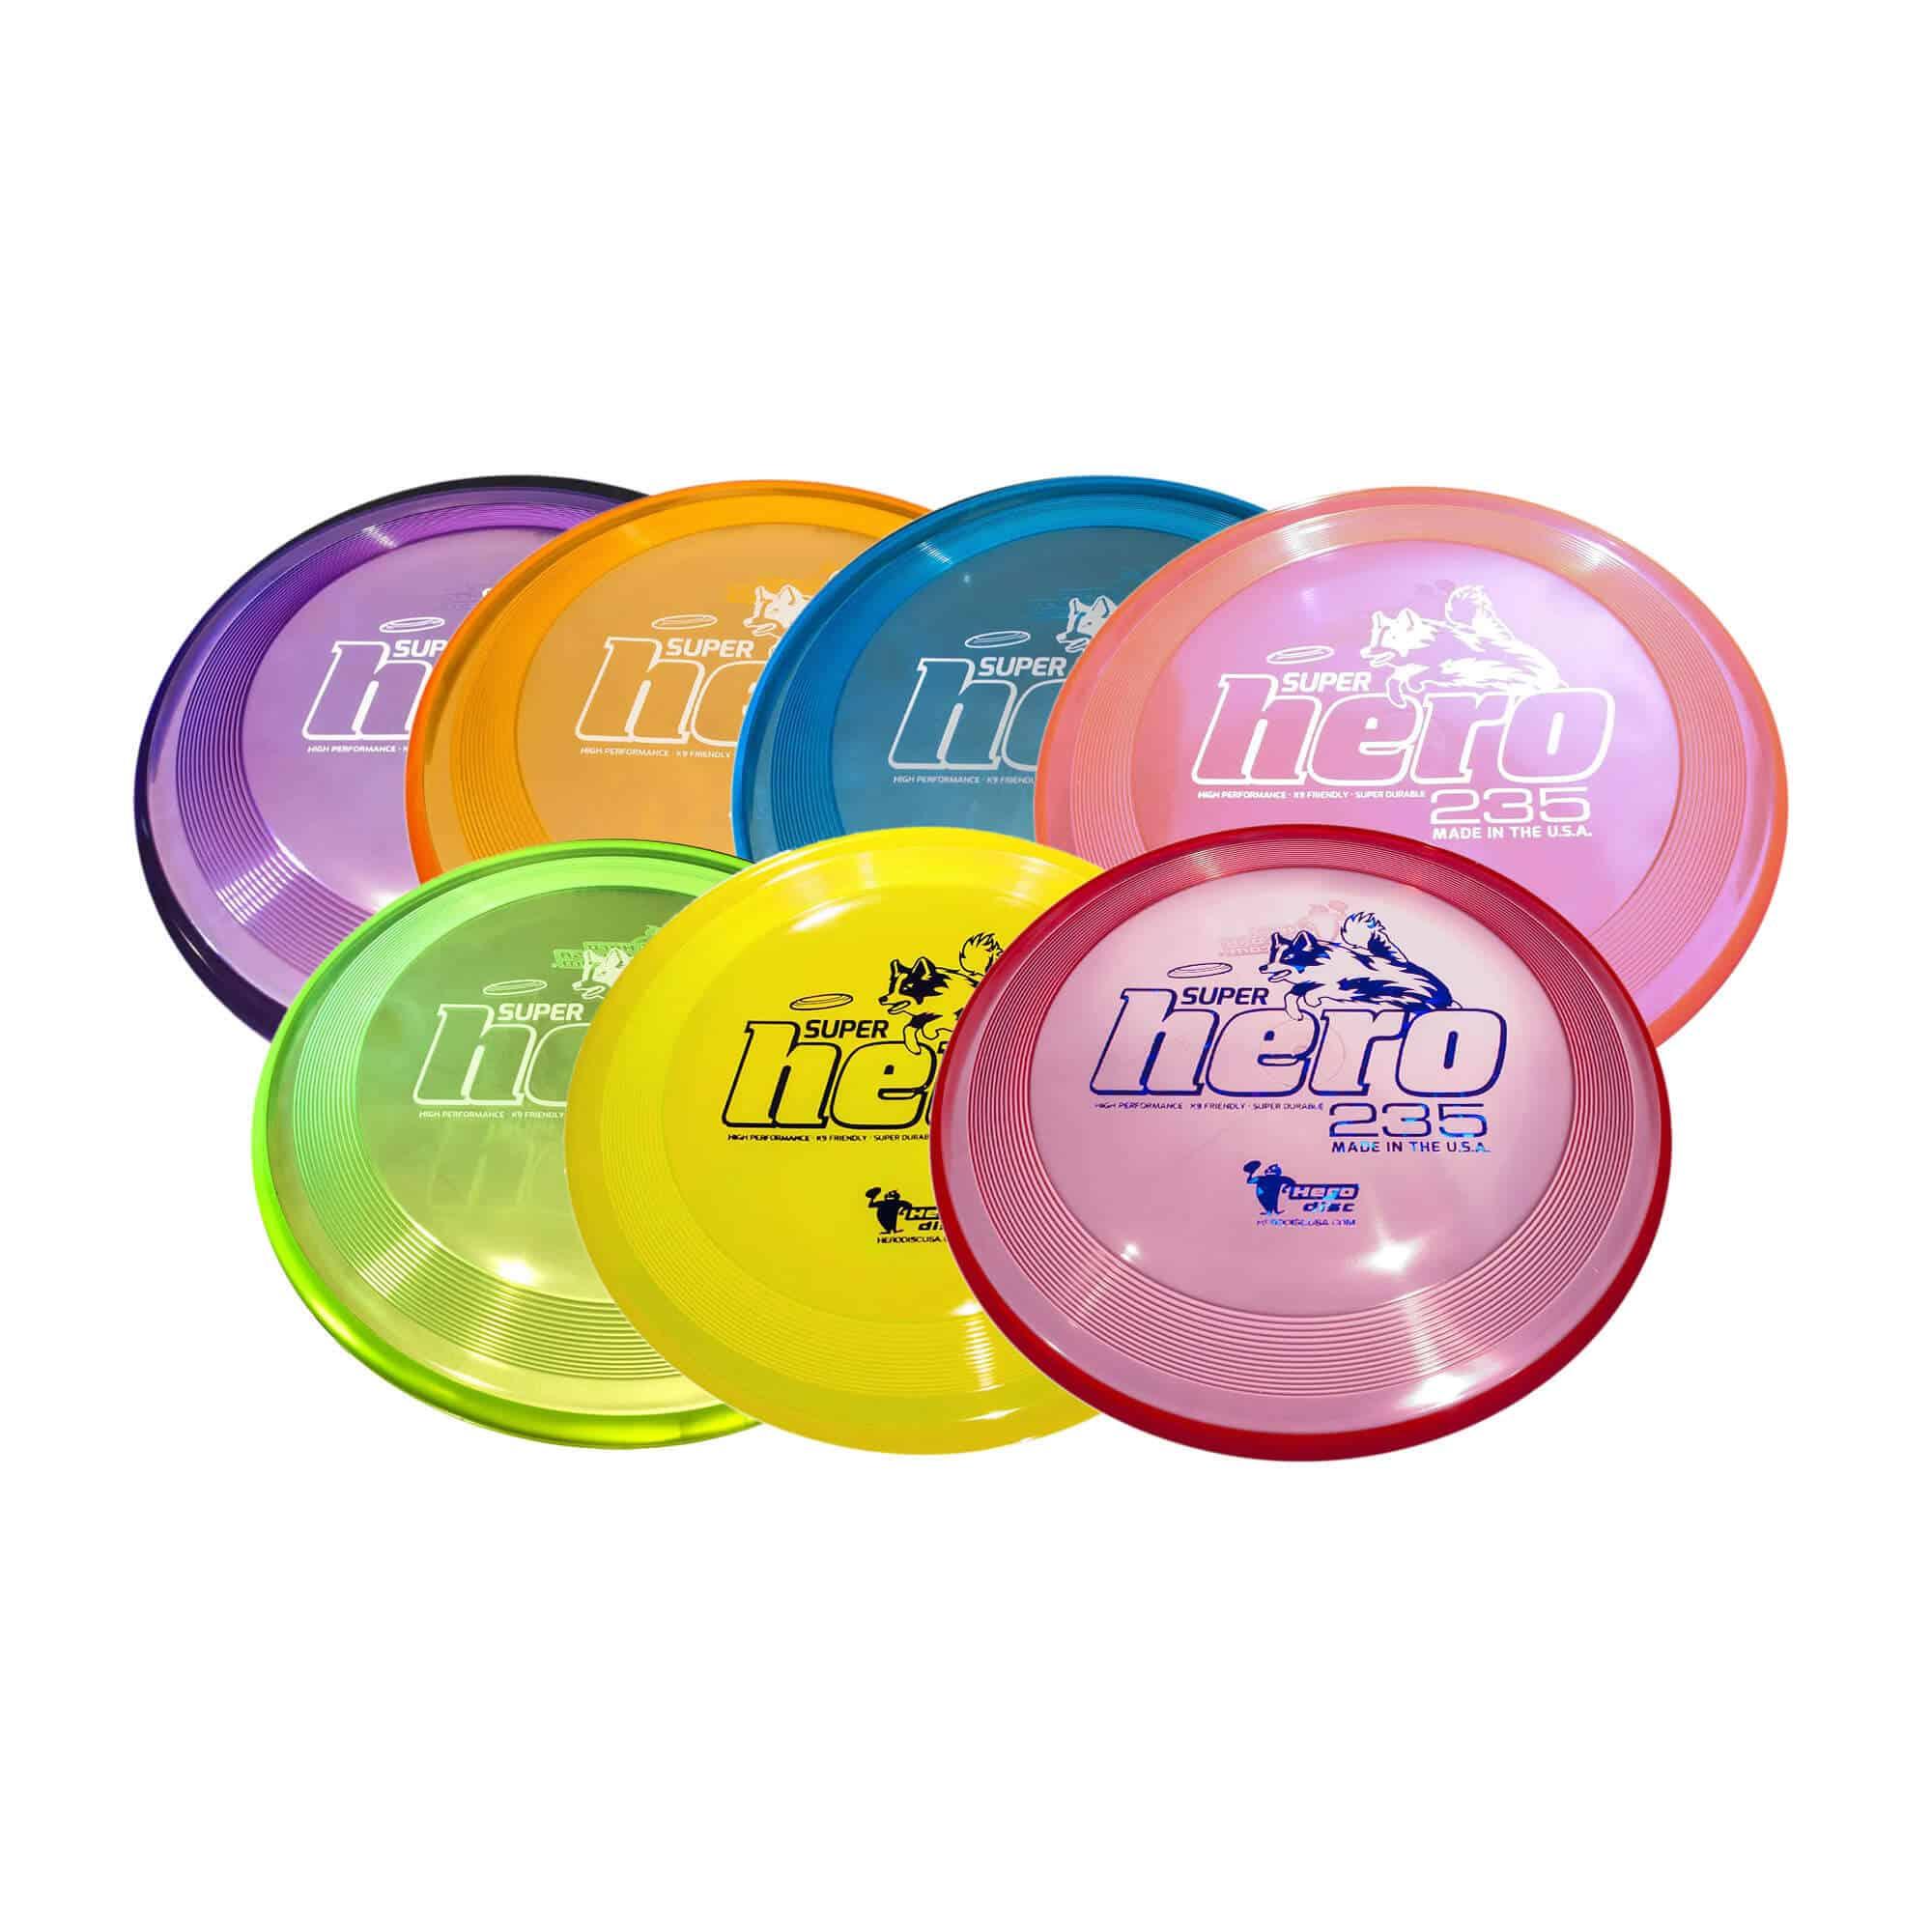 Product afbeelding voor Superhero 235 Promo bundle 7 discs